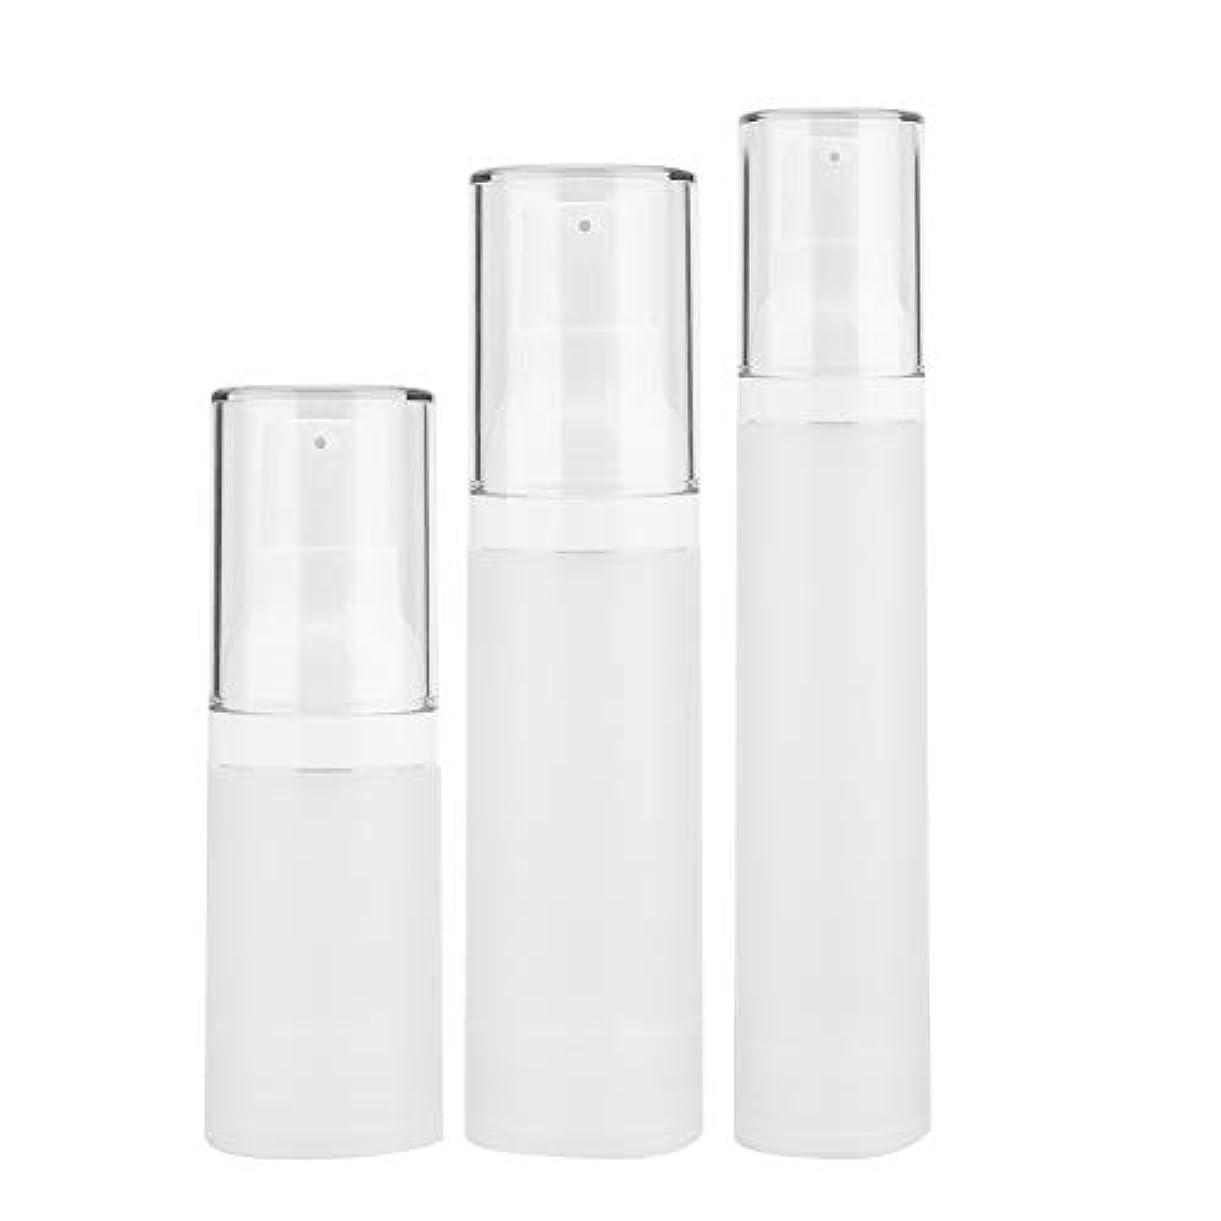 腫瘍主に詳細な3本入りトラベルボトルセット - 化粧品旅行用容器、化粧品容器が空の化粧品容器付きペットボトル - シャンプーとスプレー用(3 pcs)